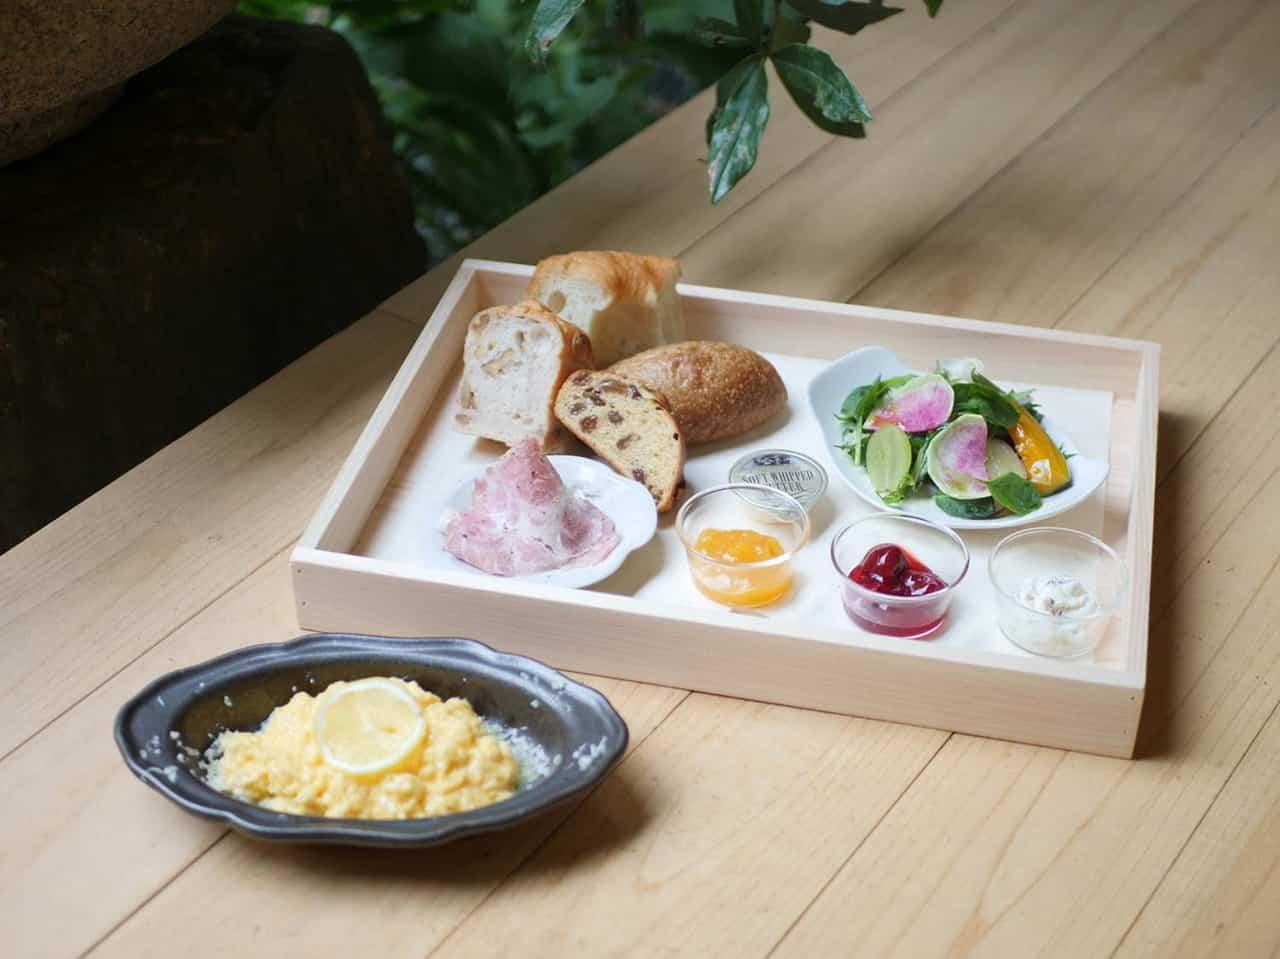 ชุดอาหารเช้าสำหรับแขกที่เข้าพัก Kyo no Ondokoro TAKEYAMACHI